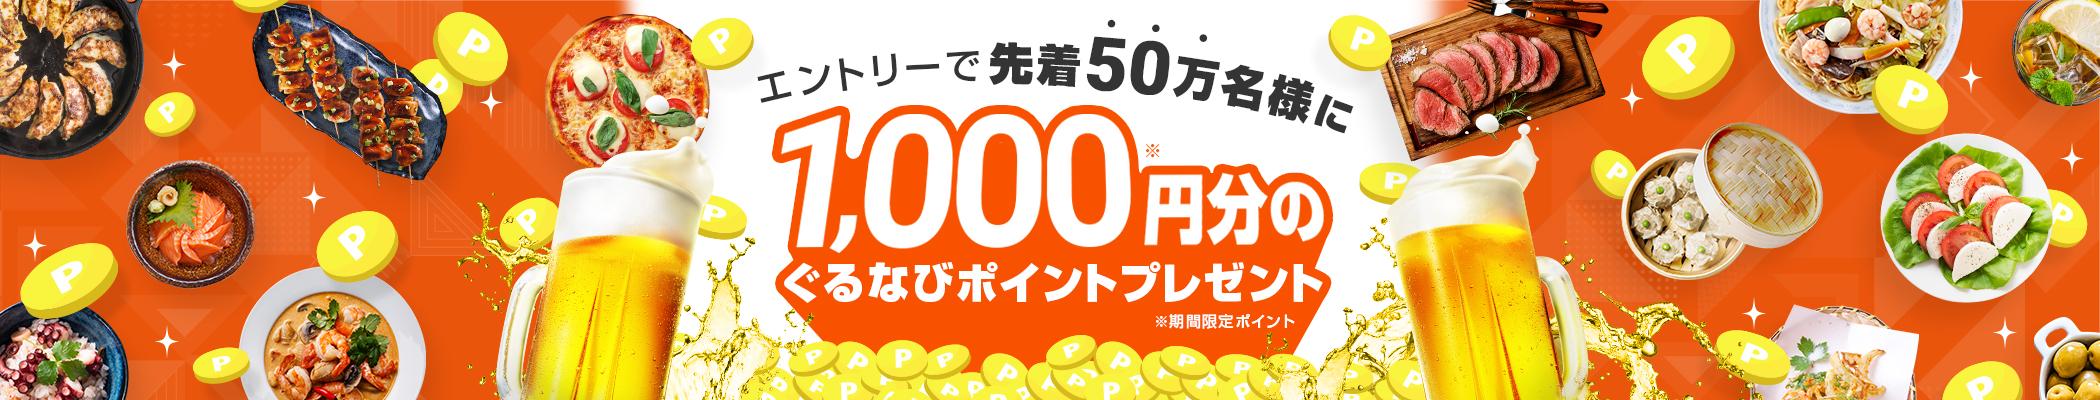 ぐるなびでエントリーして来店すると、先着50万名に1000円分ポイントが貰える。Gotoイート飲食店で消費可能。~10/28。